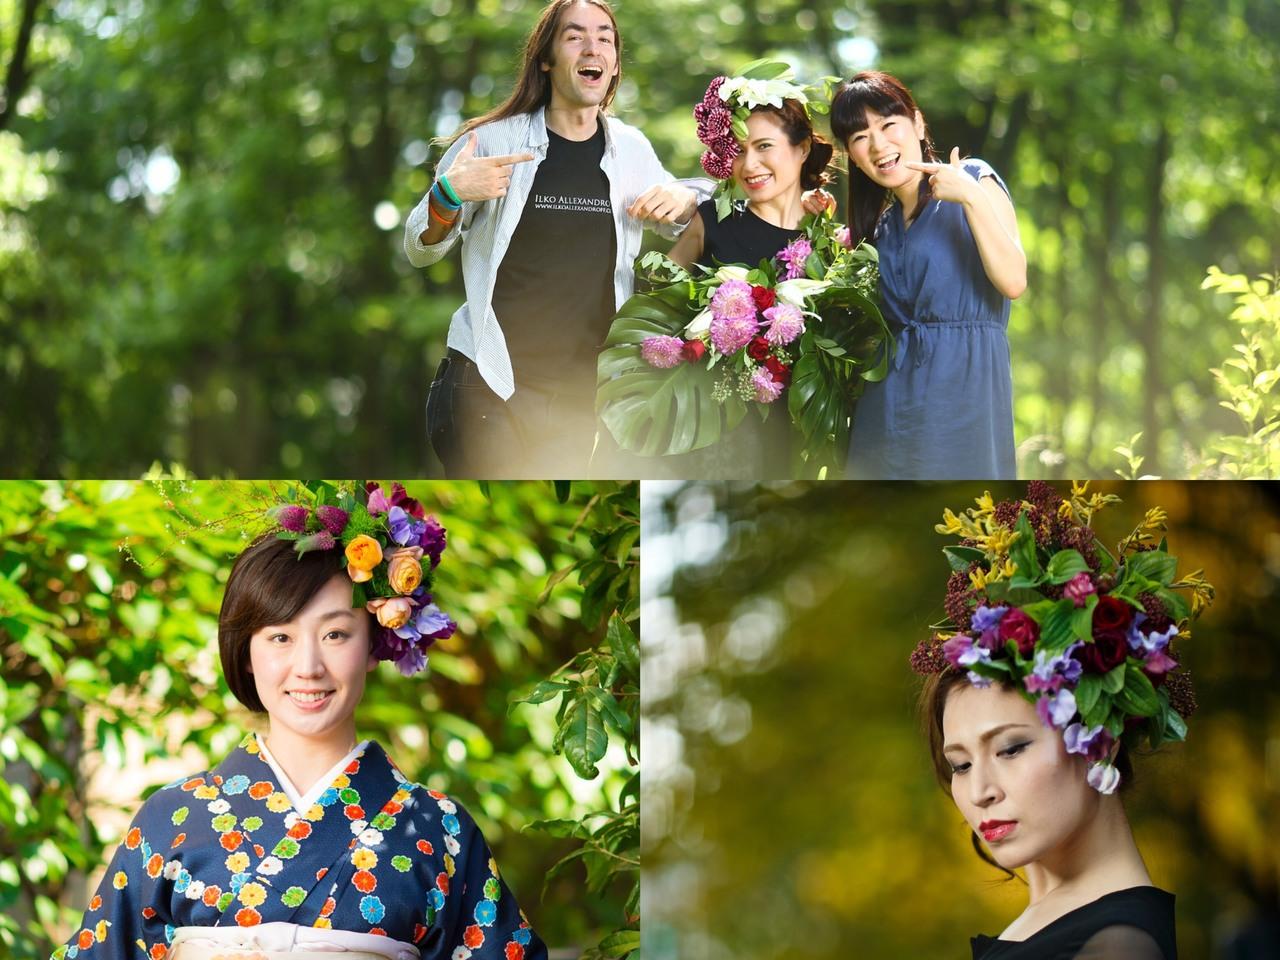 【4月1日開催】光の魔術師イルコ写真セミナー×ルナフルージュ花衣